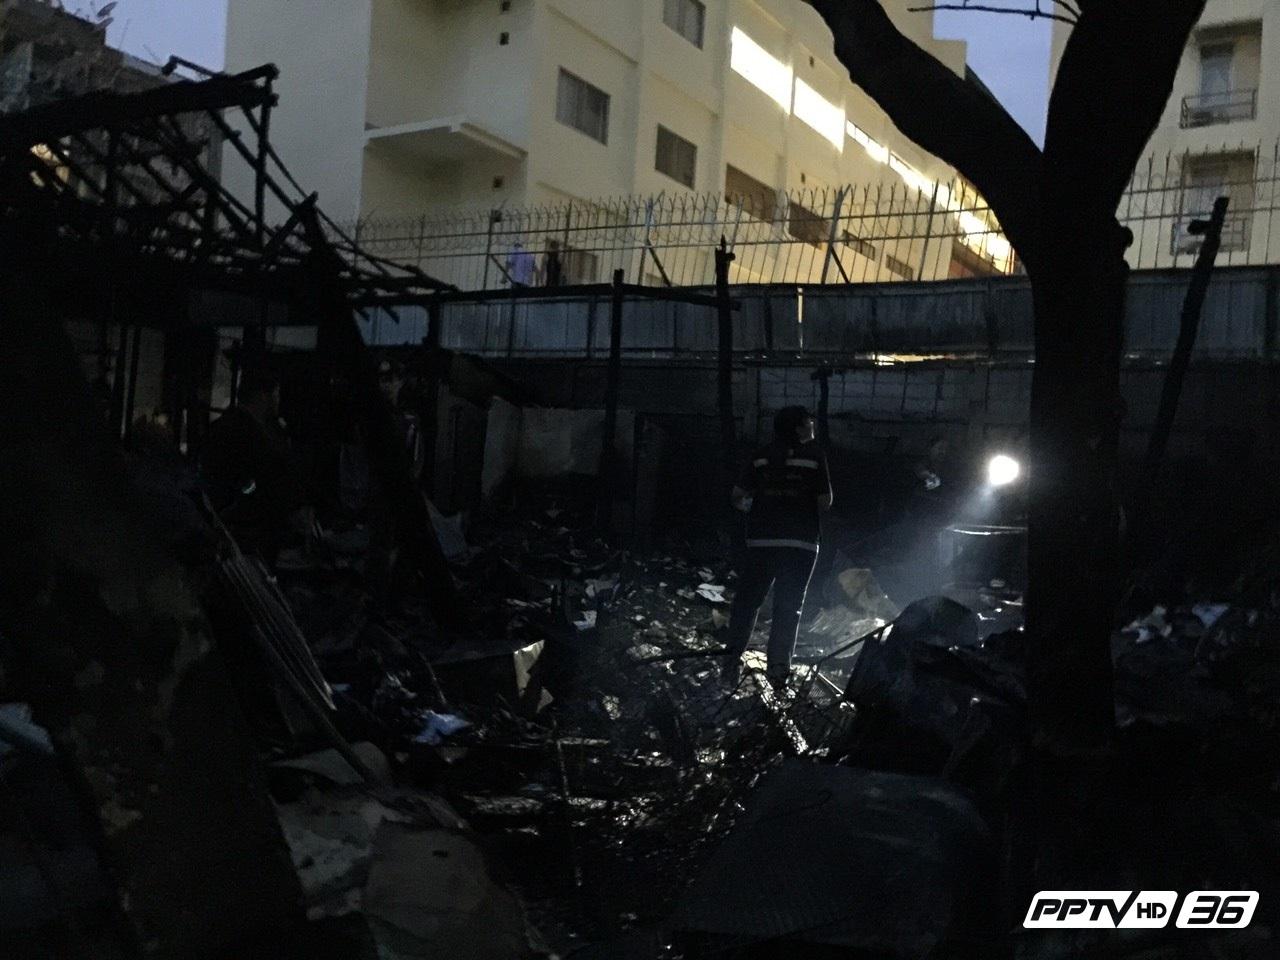 ไฟไหม้ชุมชนเก่าหลังสถานทูตรัสเซีย ลุกลามเสียหาย 7 หลัง